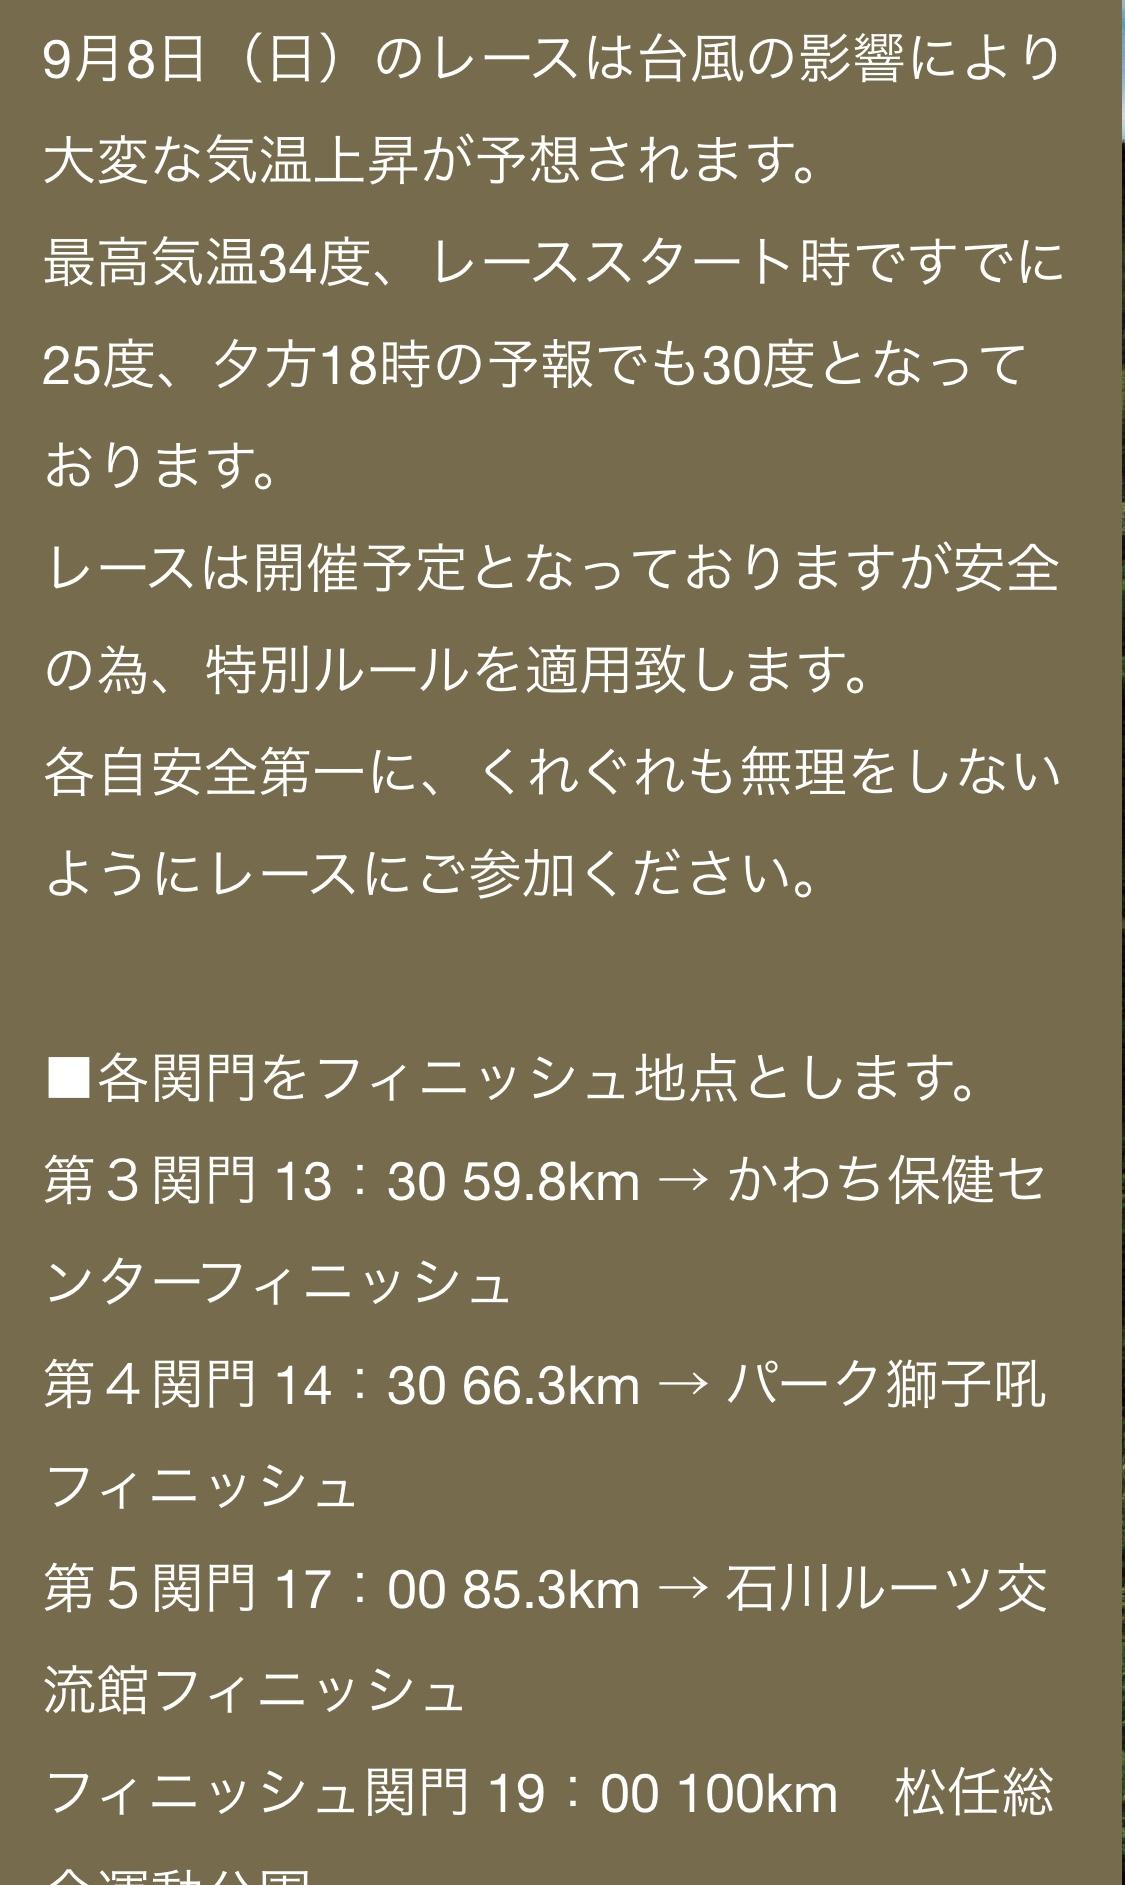 f:id:k-taro77:20190909190706p:plain